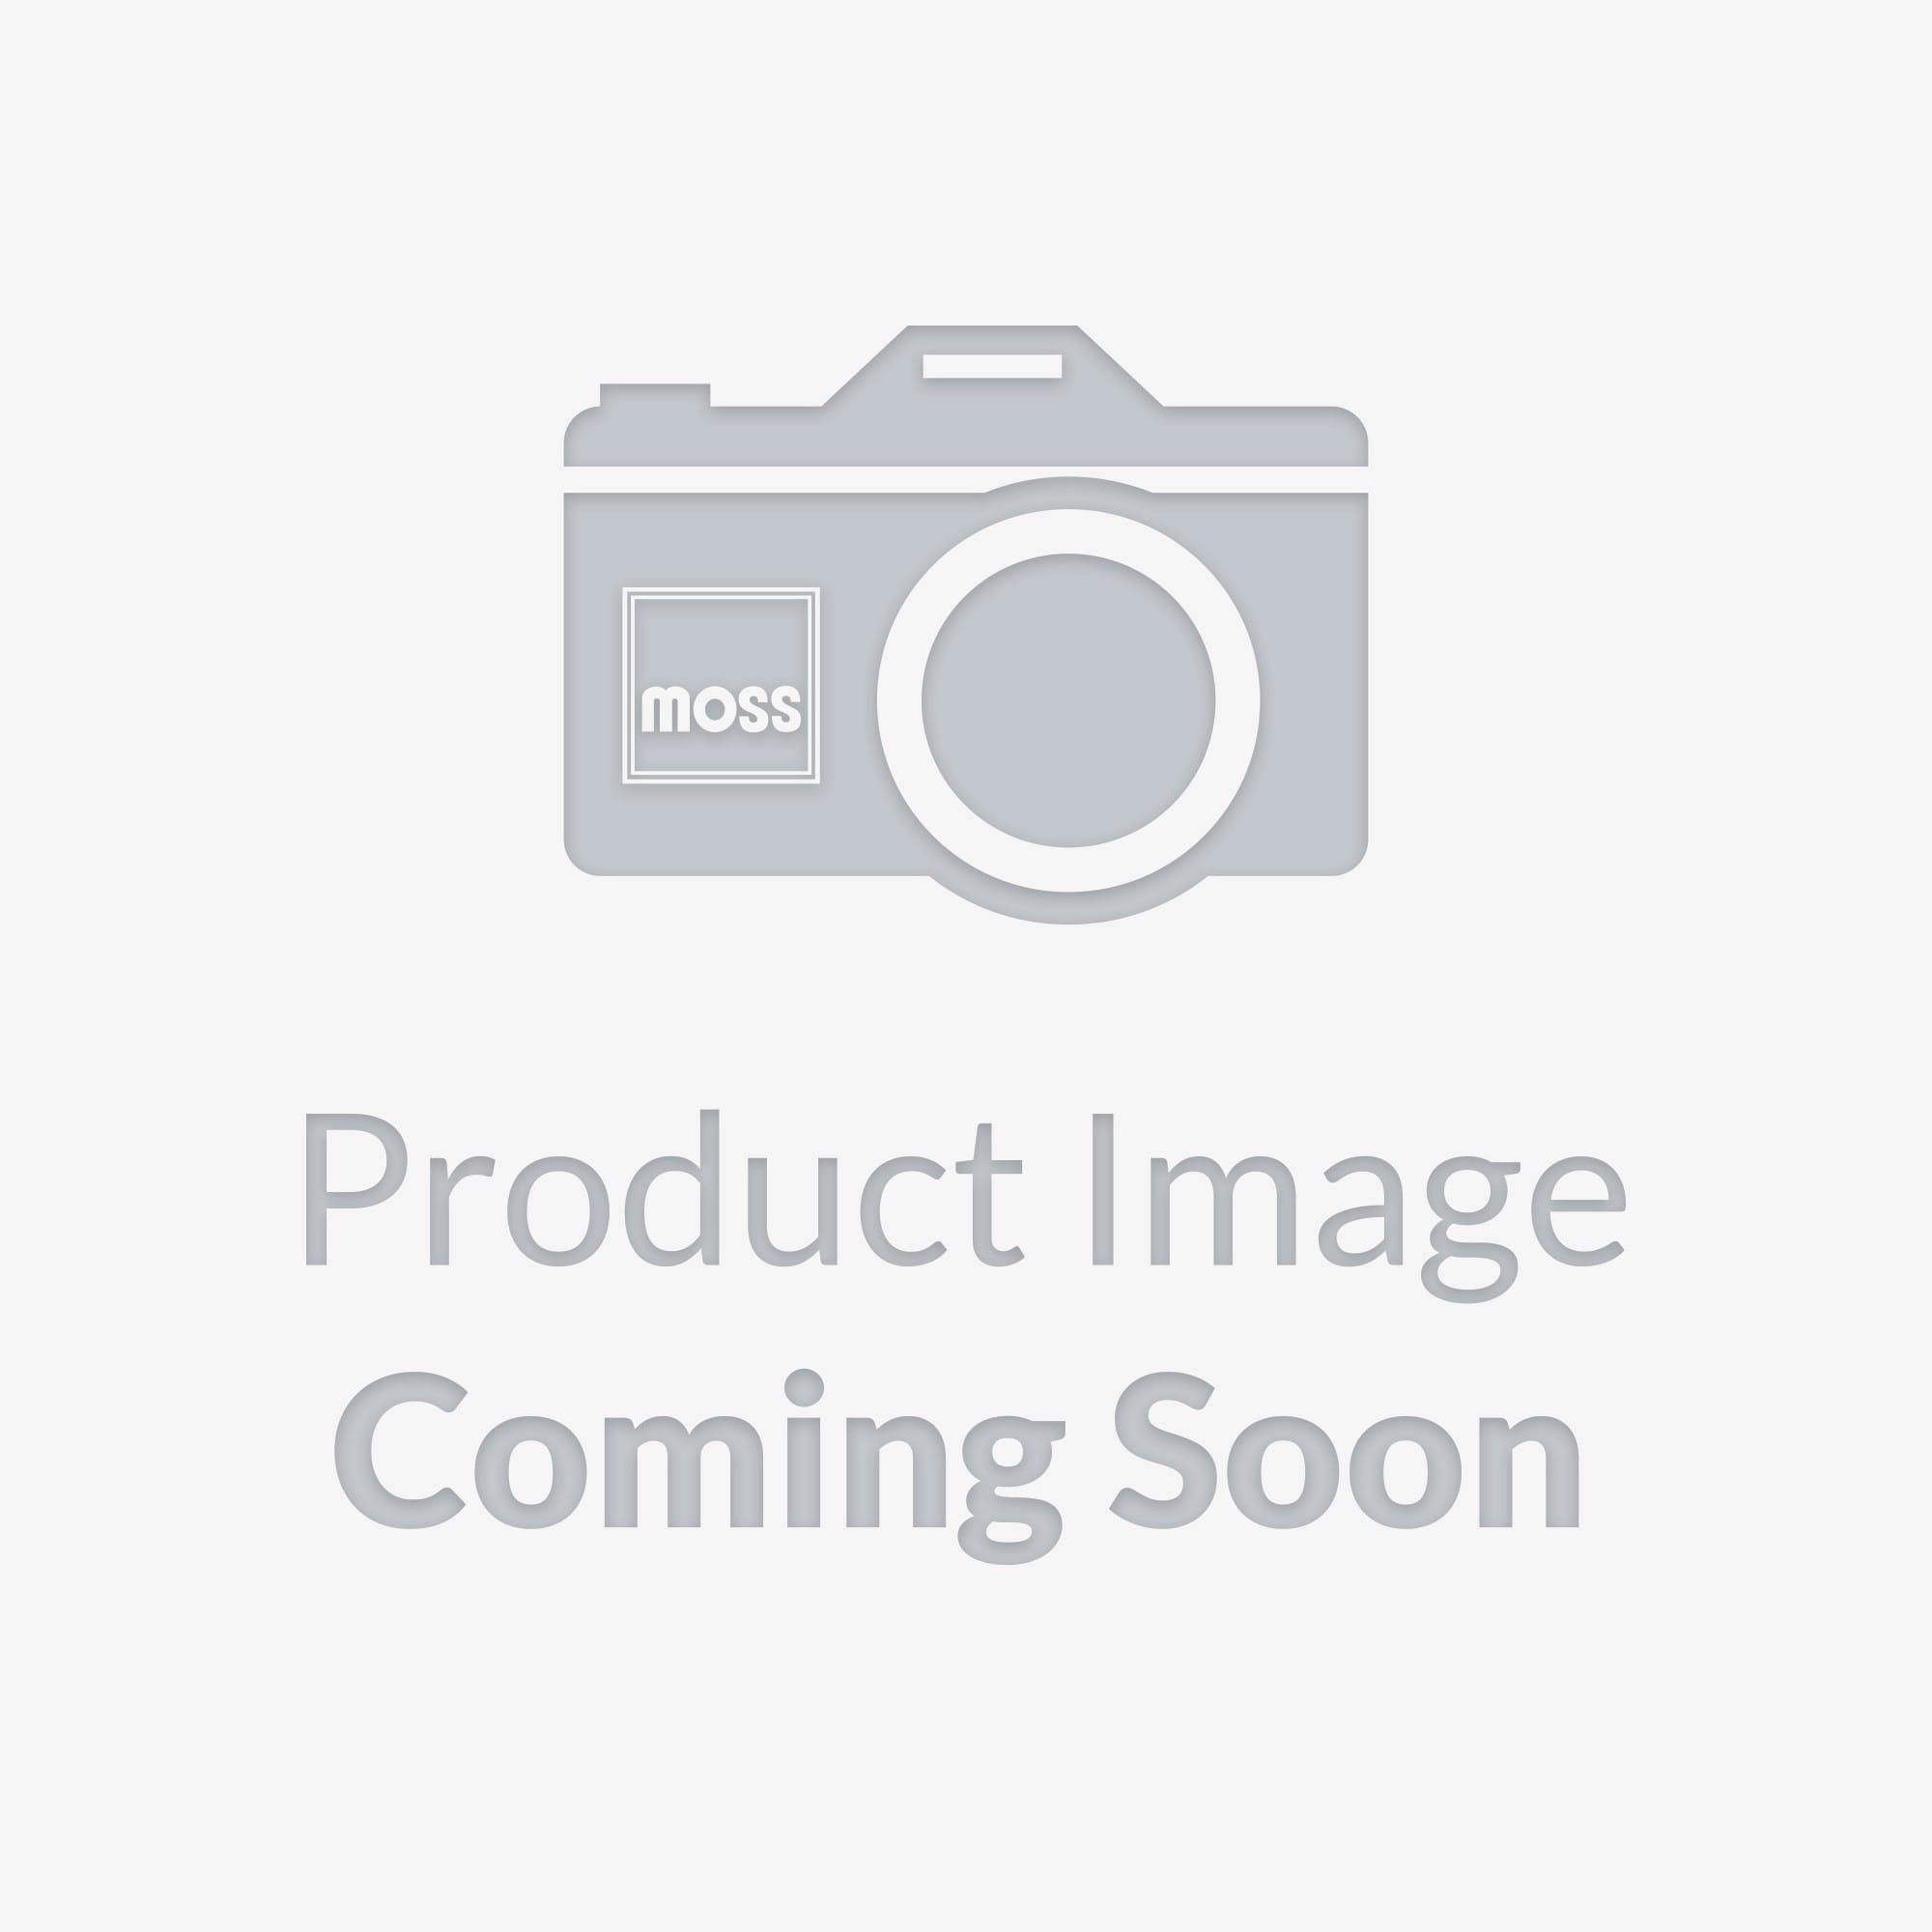 Mishimoto Performance Aluminum Radiator 1999-2005 Mazda Miata NB8C